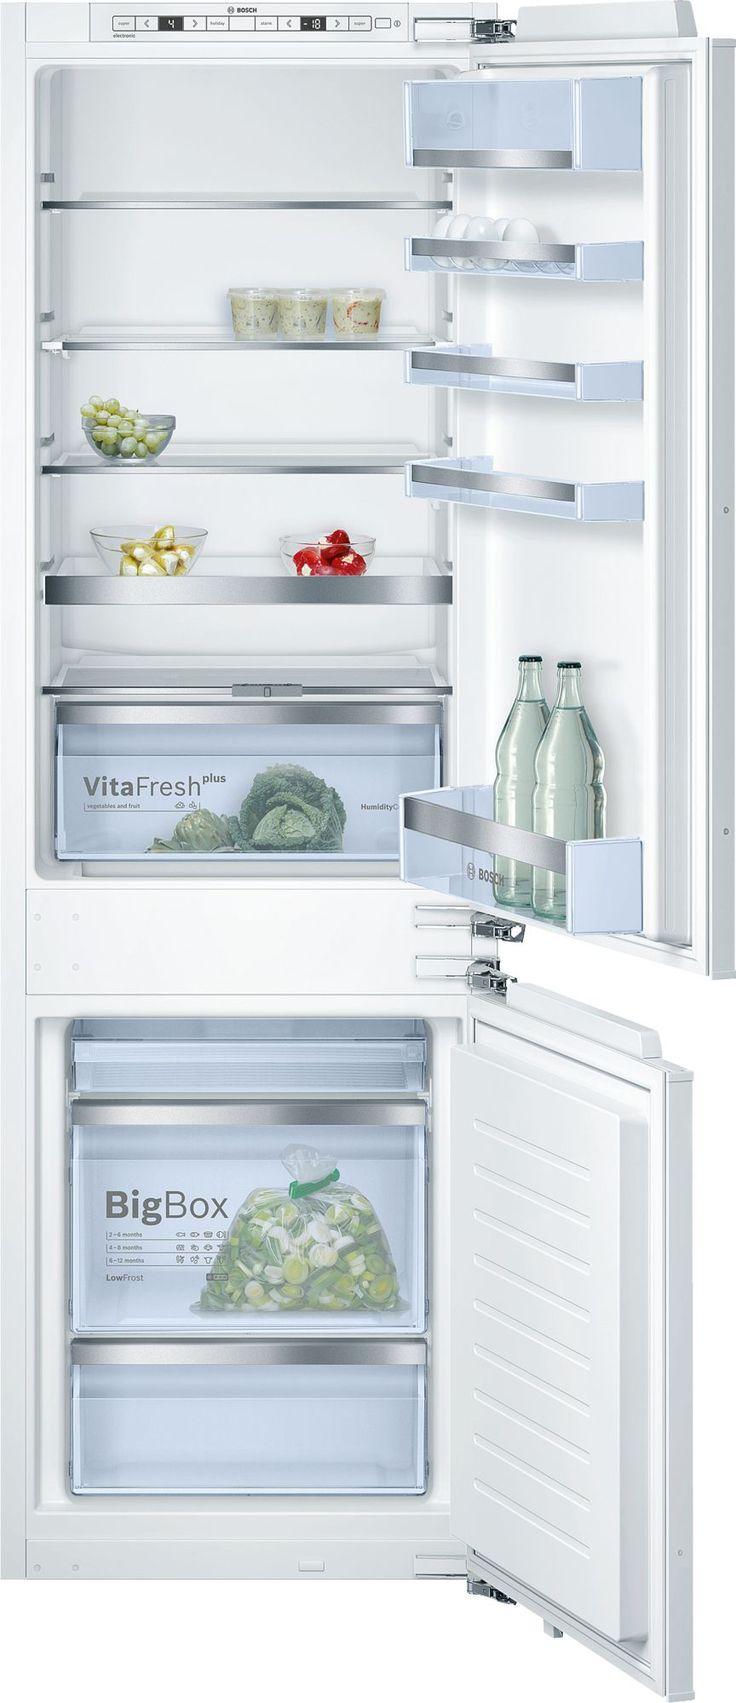 23 besten Kühlschränke Bilder auf Pinterest   Kühlschränke, Küchen ...